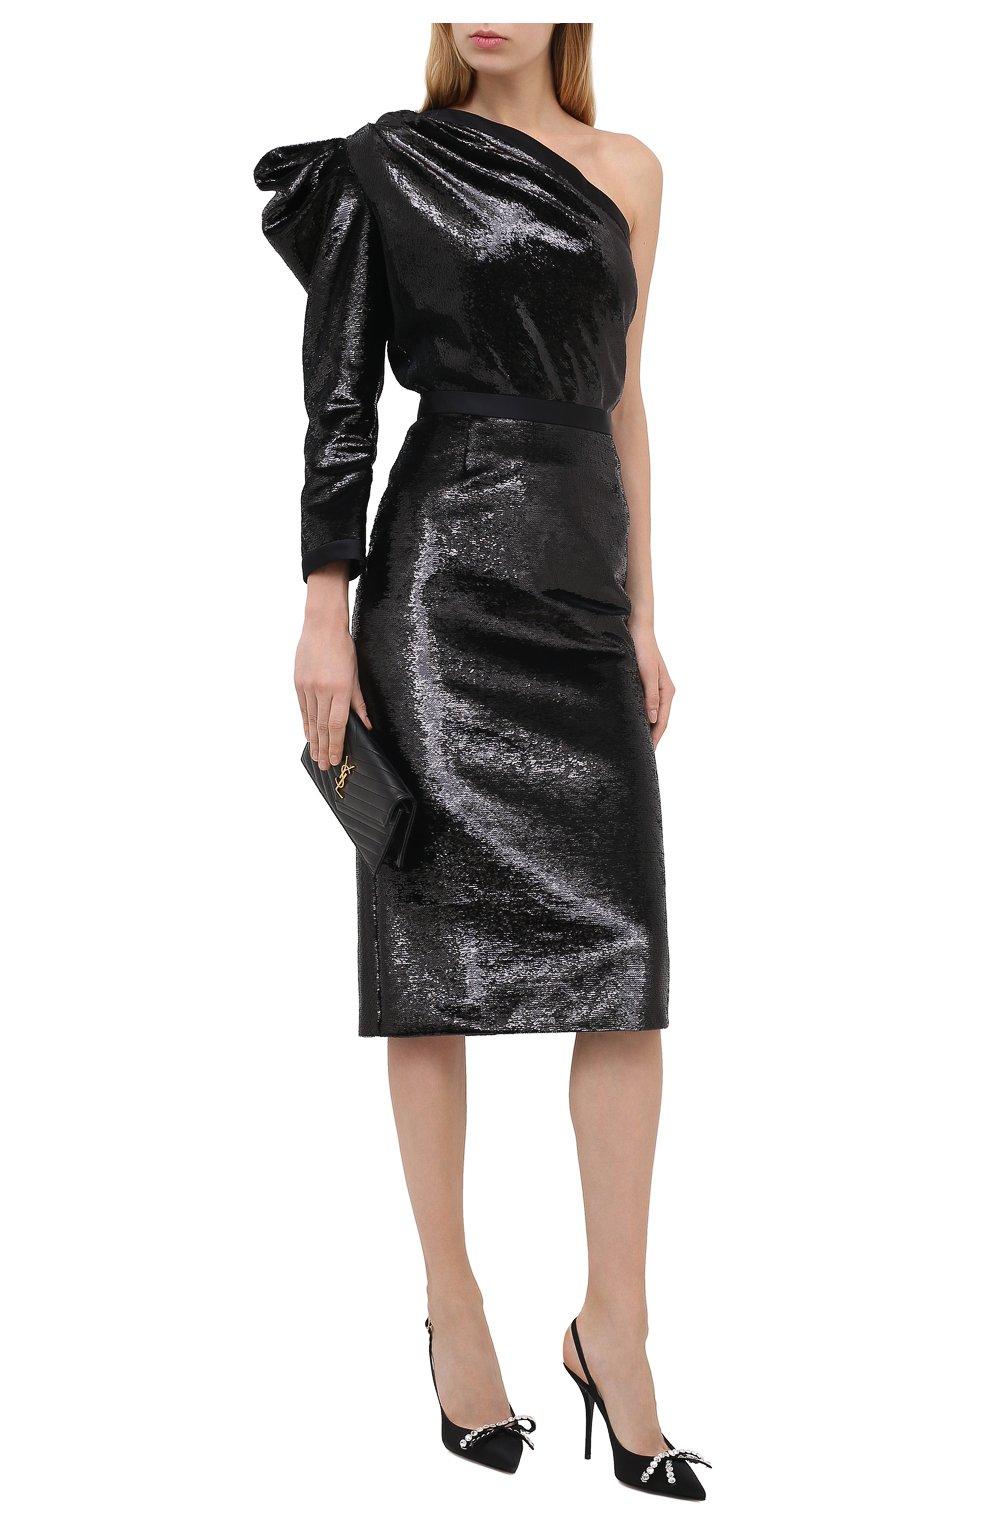 Женская юбка ZUHAIR MURAD черного цвета, арт. SKP20311/EMSE004 | Фото 2 (Женское Кросс-КТ: Юбка-карандаш, Юбка-одежда; Материал внешний: Синтетический материал; Длина Ж (юбки, платья, шорты): Миди; Стили: Романтичный; Материал подклада: Купро)